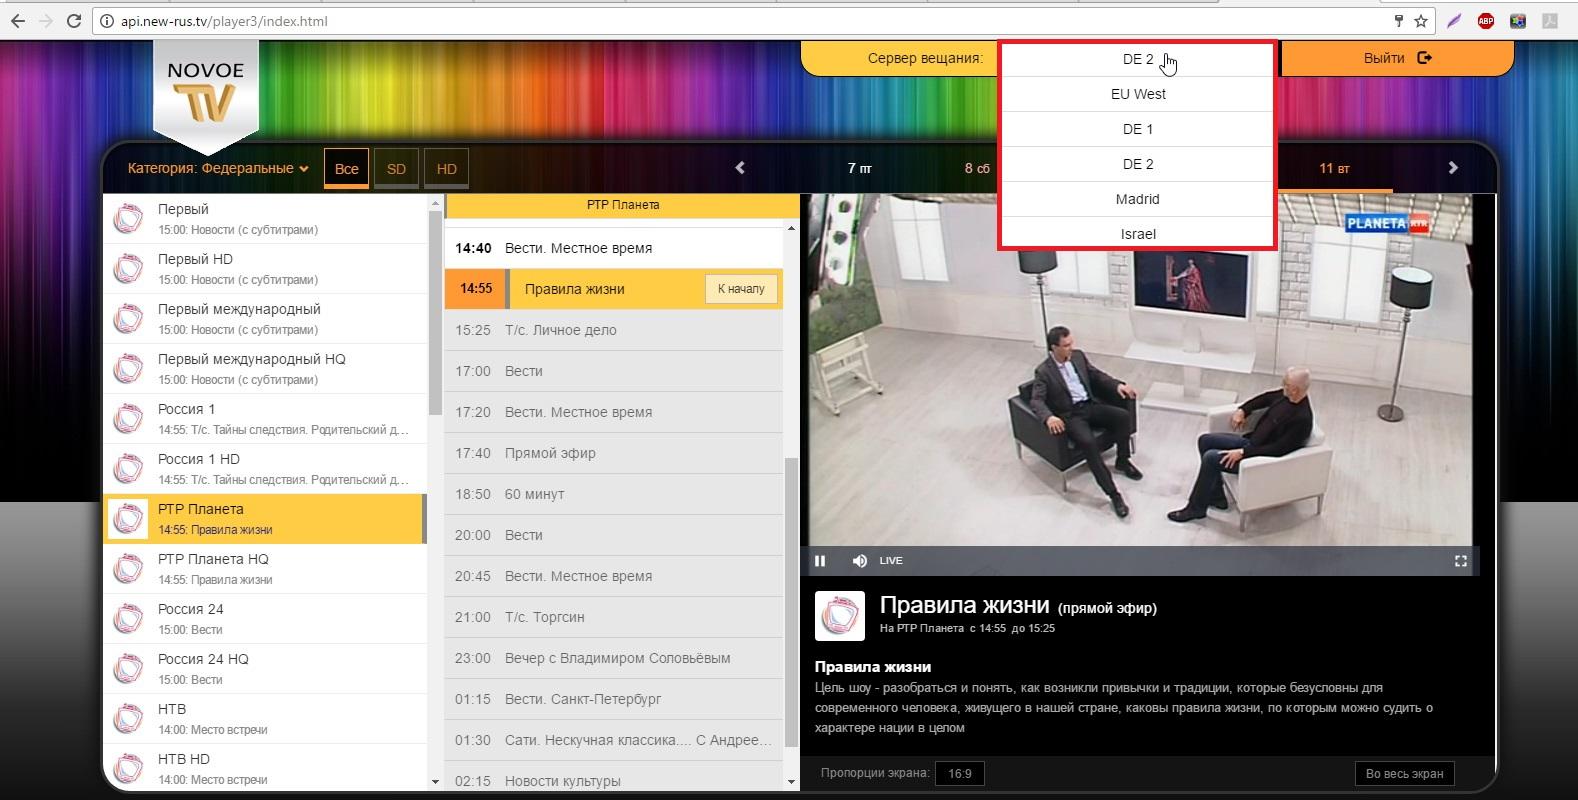 Как смотреть русское телевидение на сайте